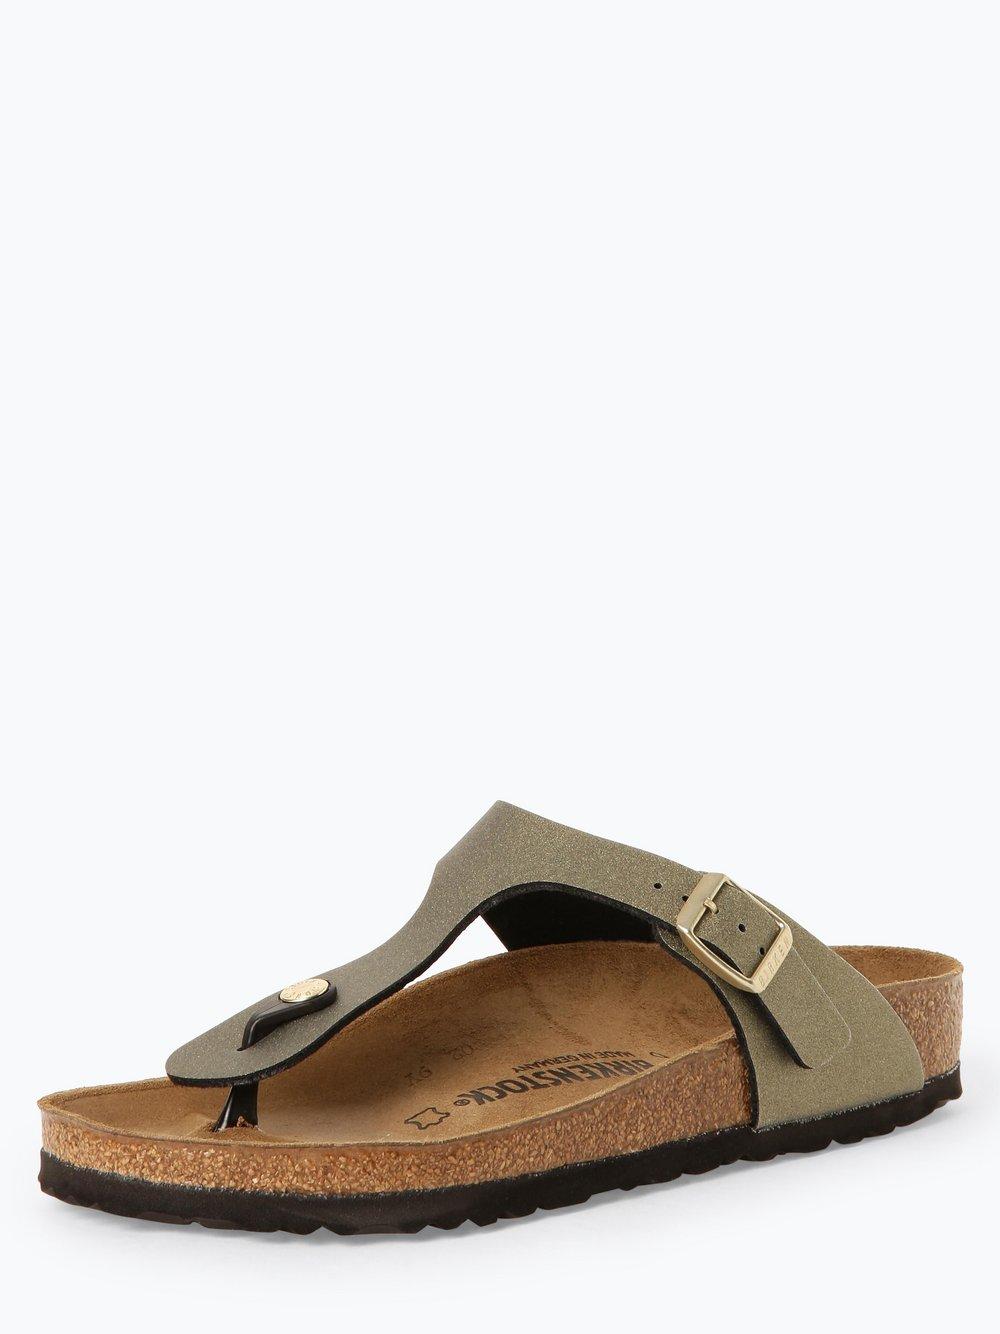 Birkenstock - Sandały damskie z dodatkiem skóry – Gizeh BS, złoty